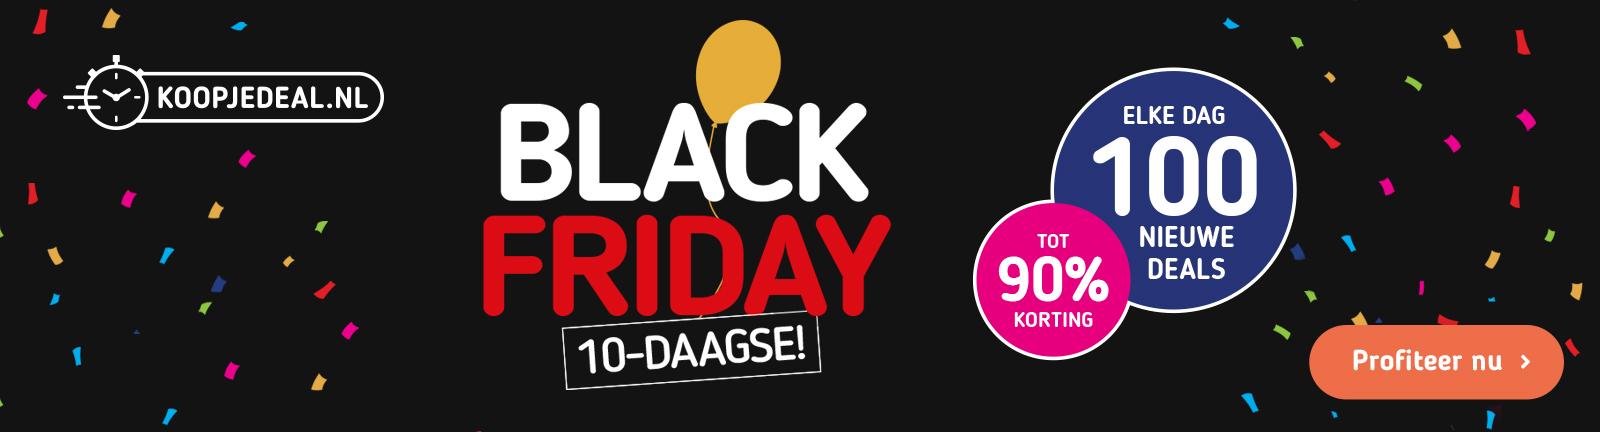 Black Friday 10-daagse tot 90% korting. Elke dag 100 nieuwe deals, profiteer nu. Koopjedeal.nl